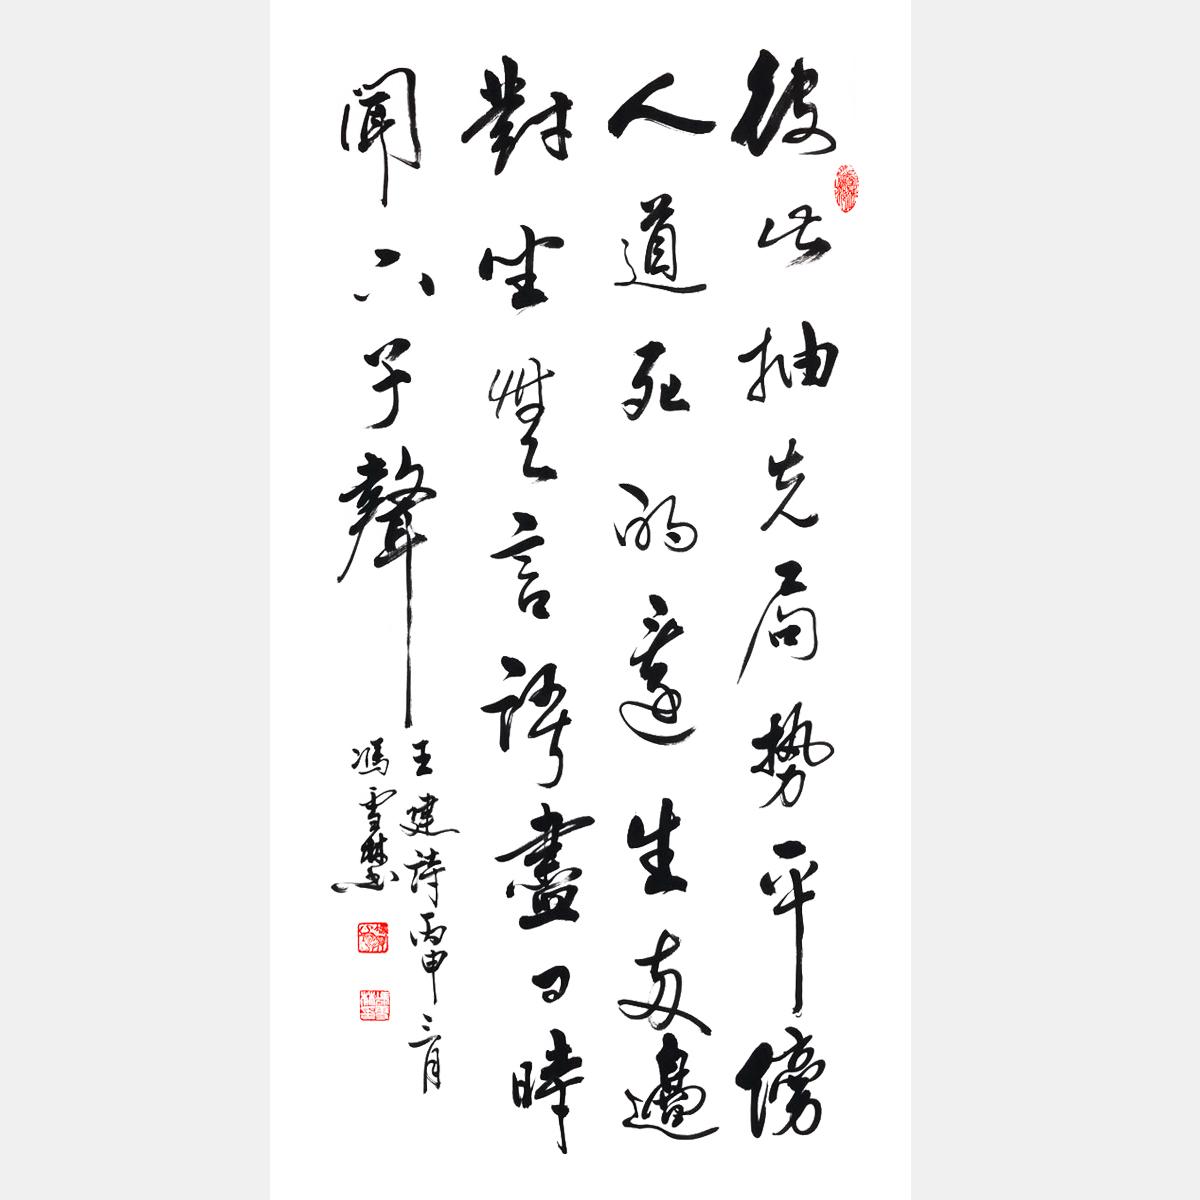 冯雪林书法艺术作品 王建《看棋》 行书条幅